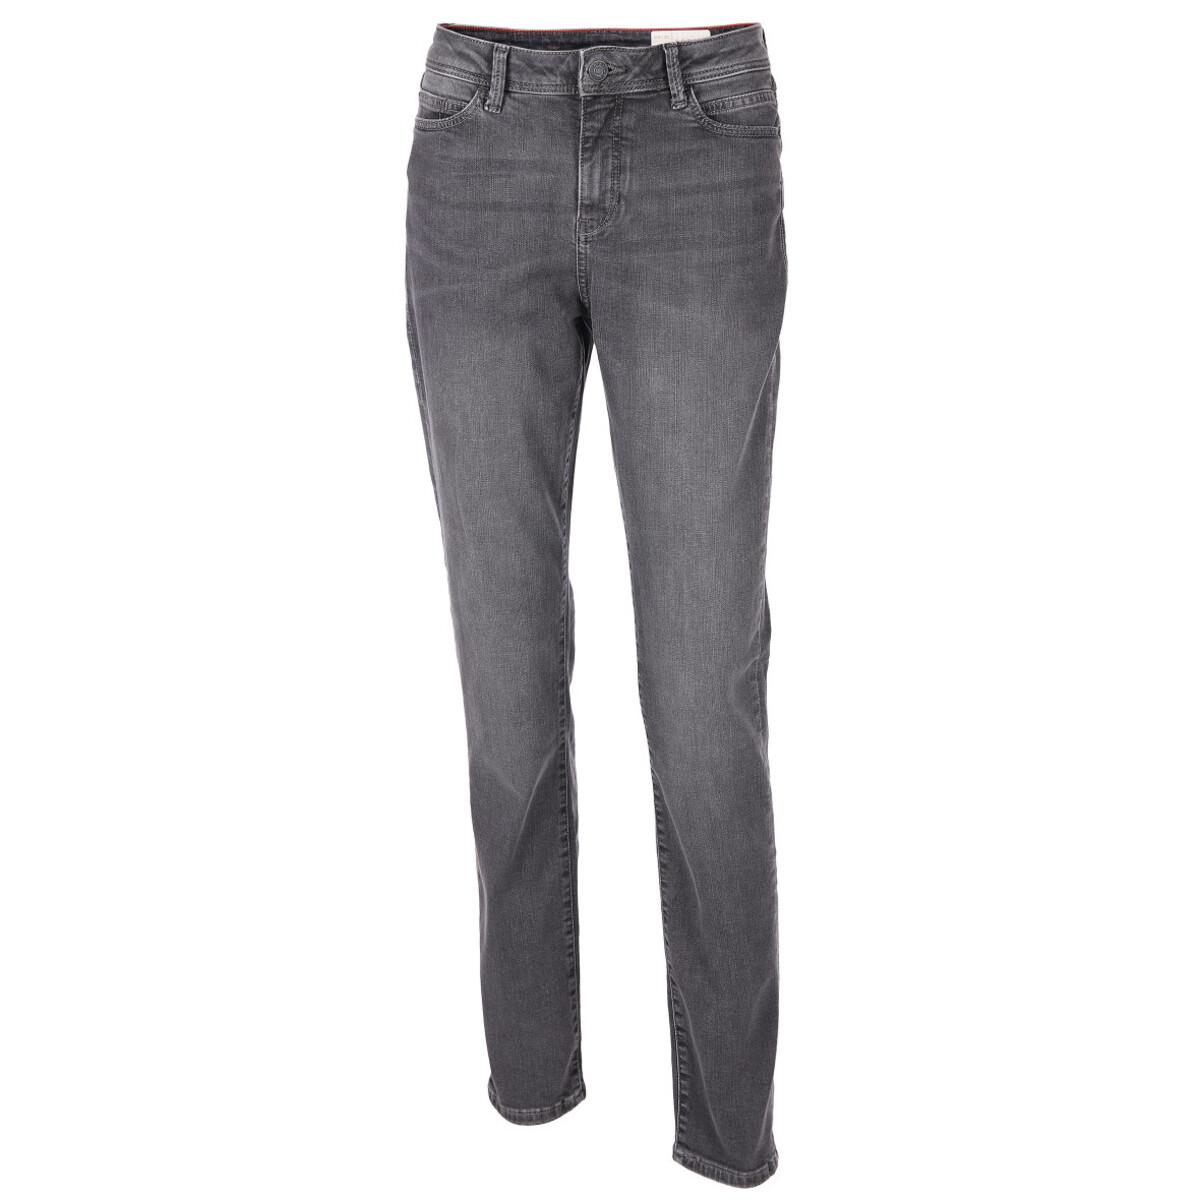 Bild 1 von Damen Jeans im 5-Pocket-Stil